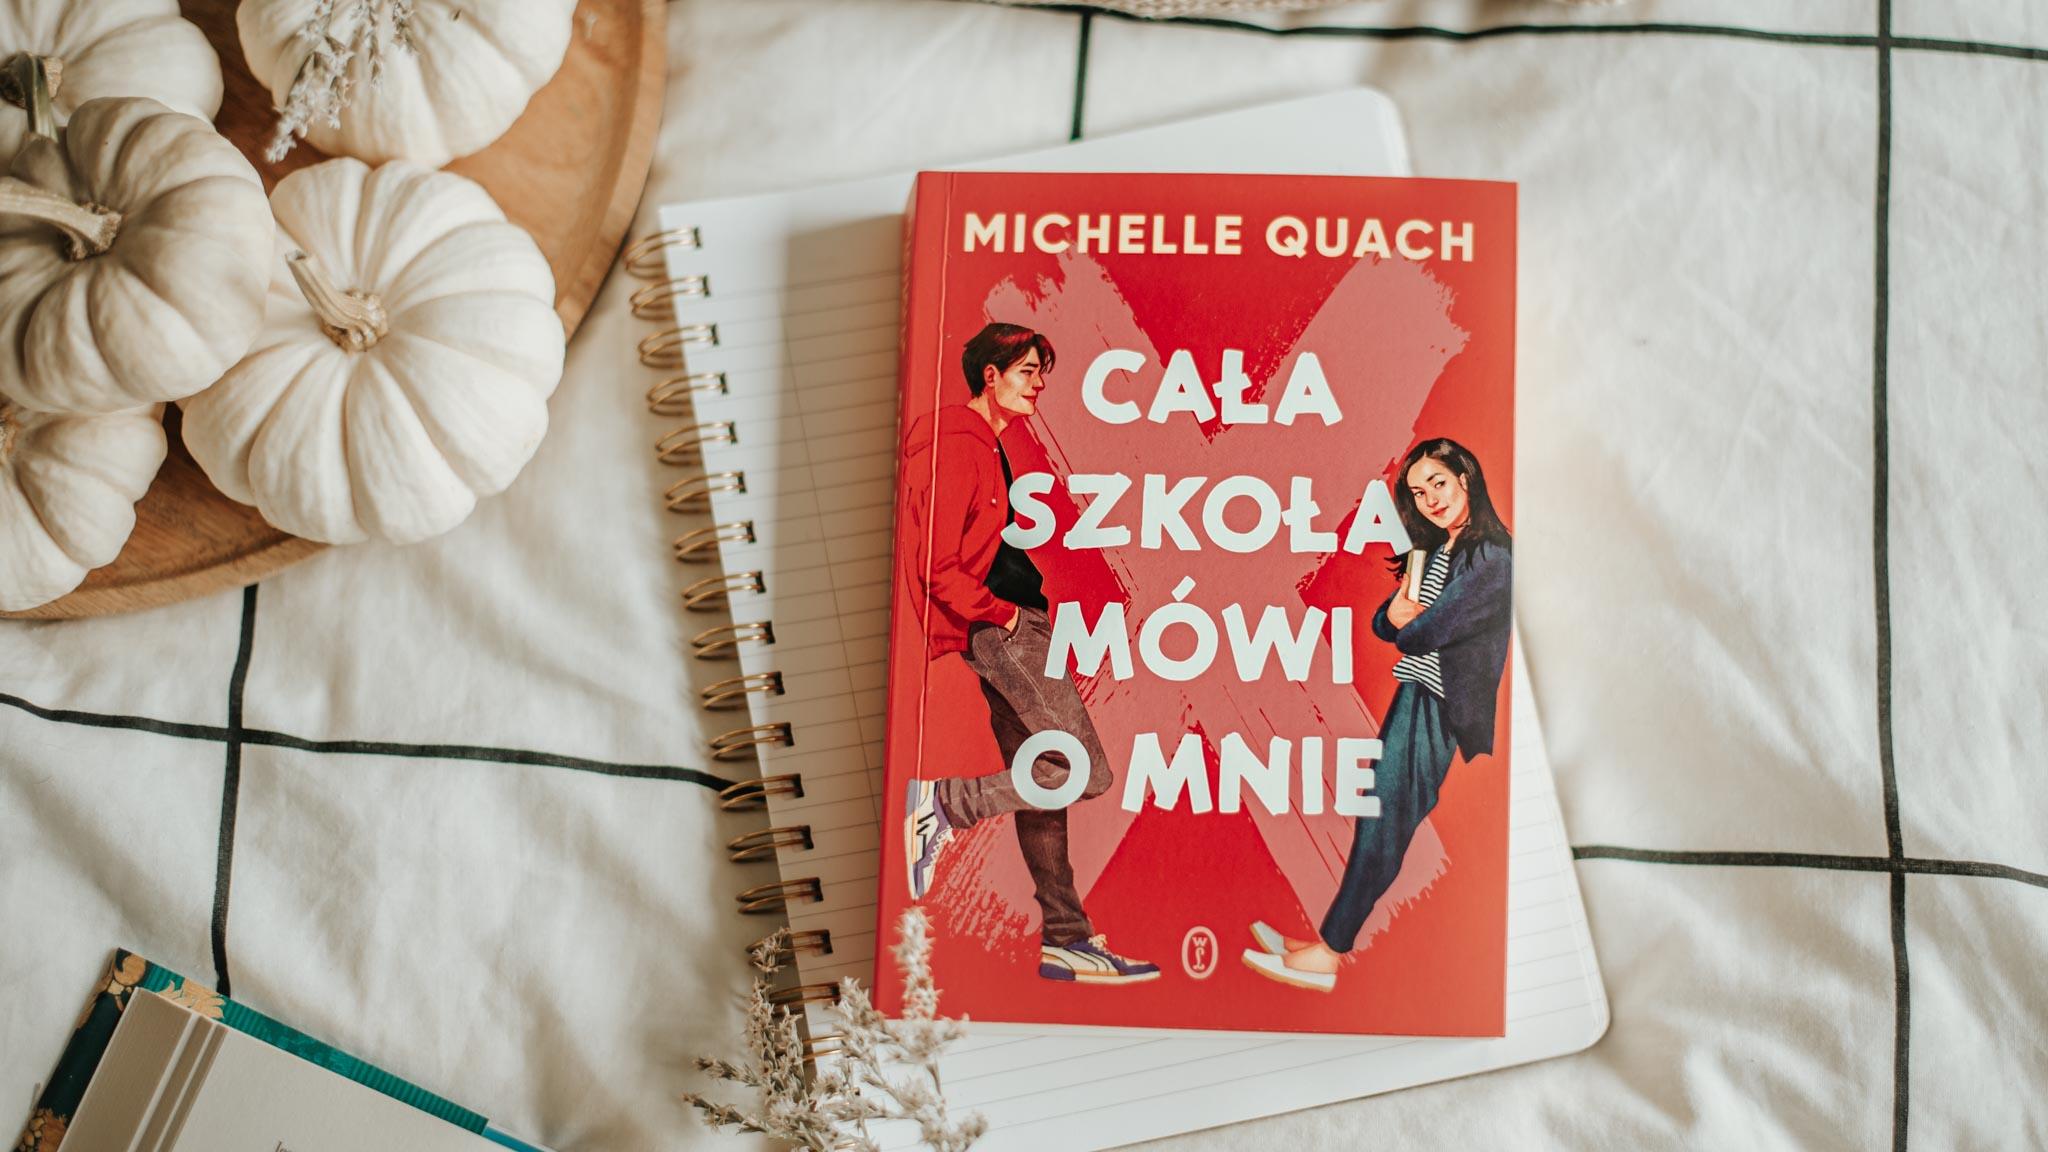 Cała szkoła mówi o mnie – Michelle Quach